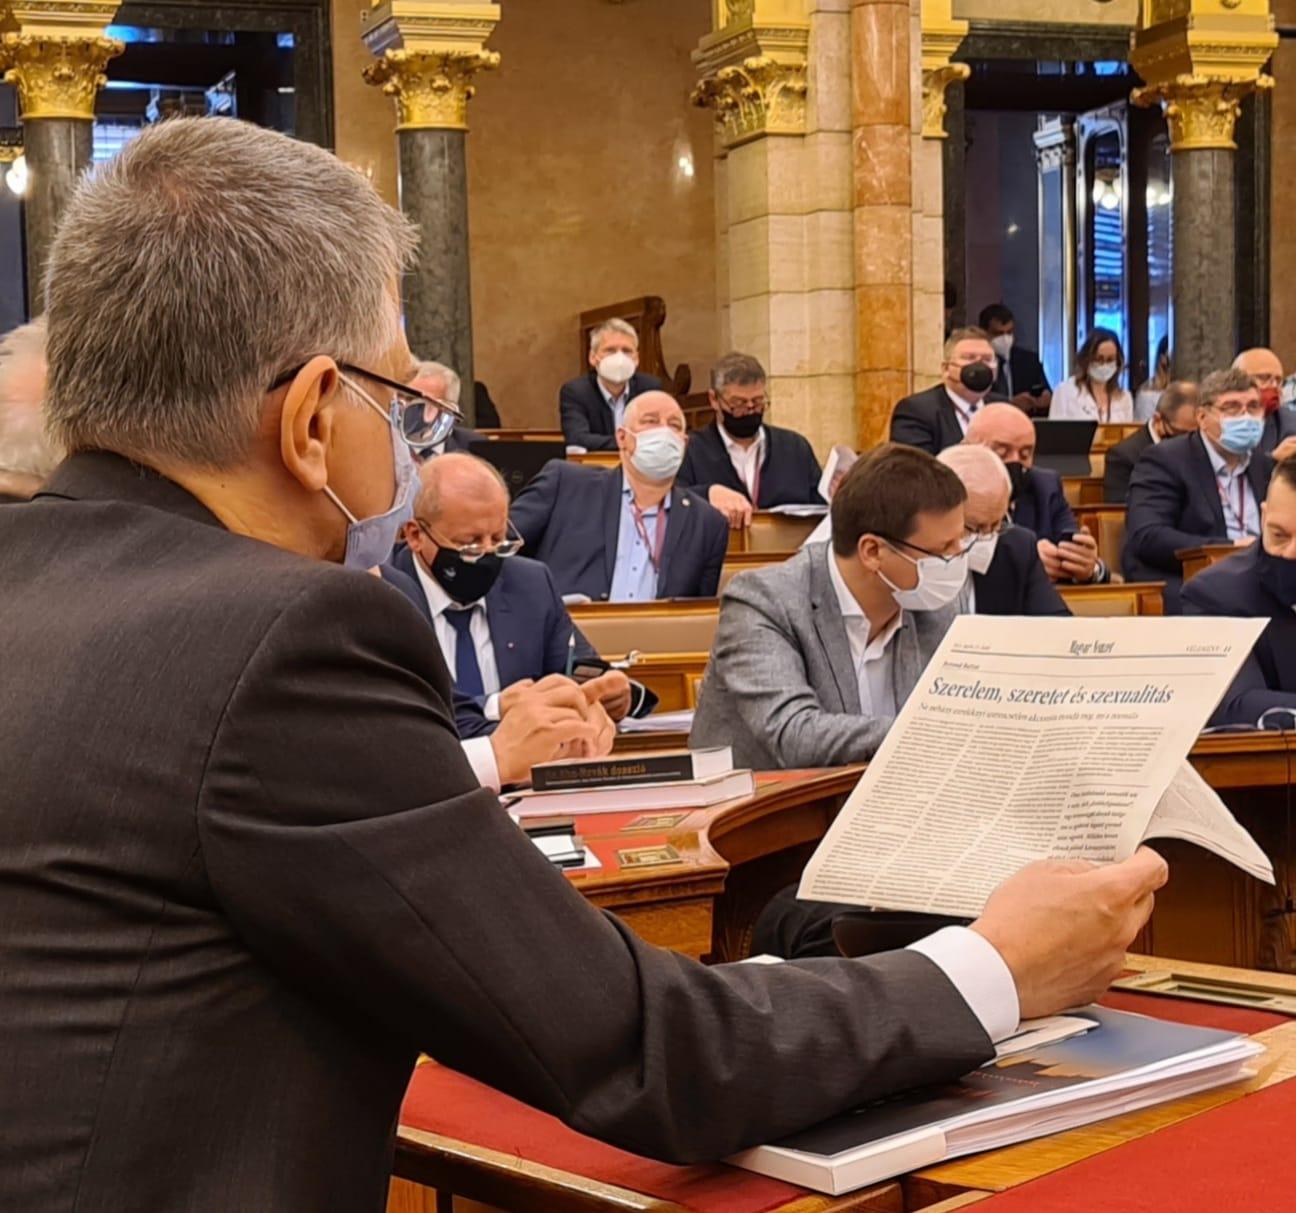 Szerelemről, szeretetről és szexualitásról olvasgat Kövér László, miközben a képviselők szavaznak a parlamentben